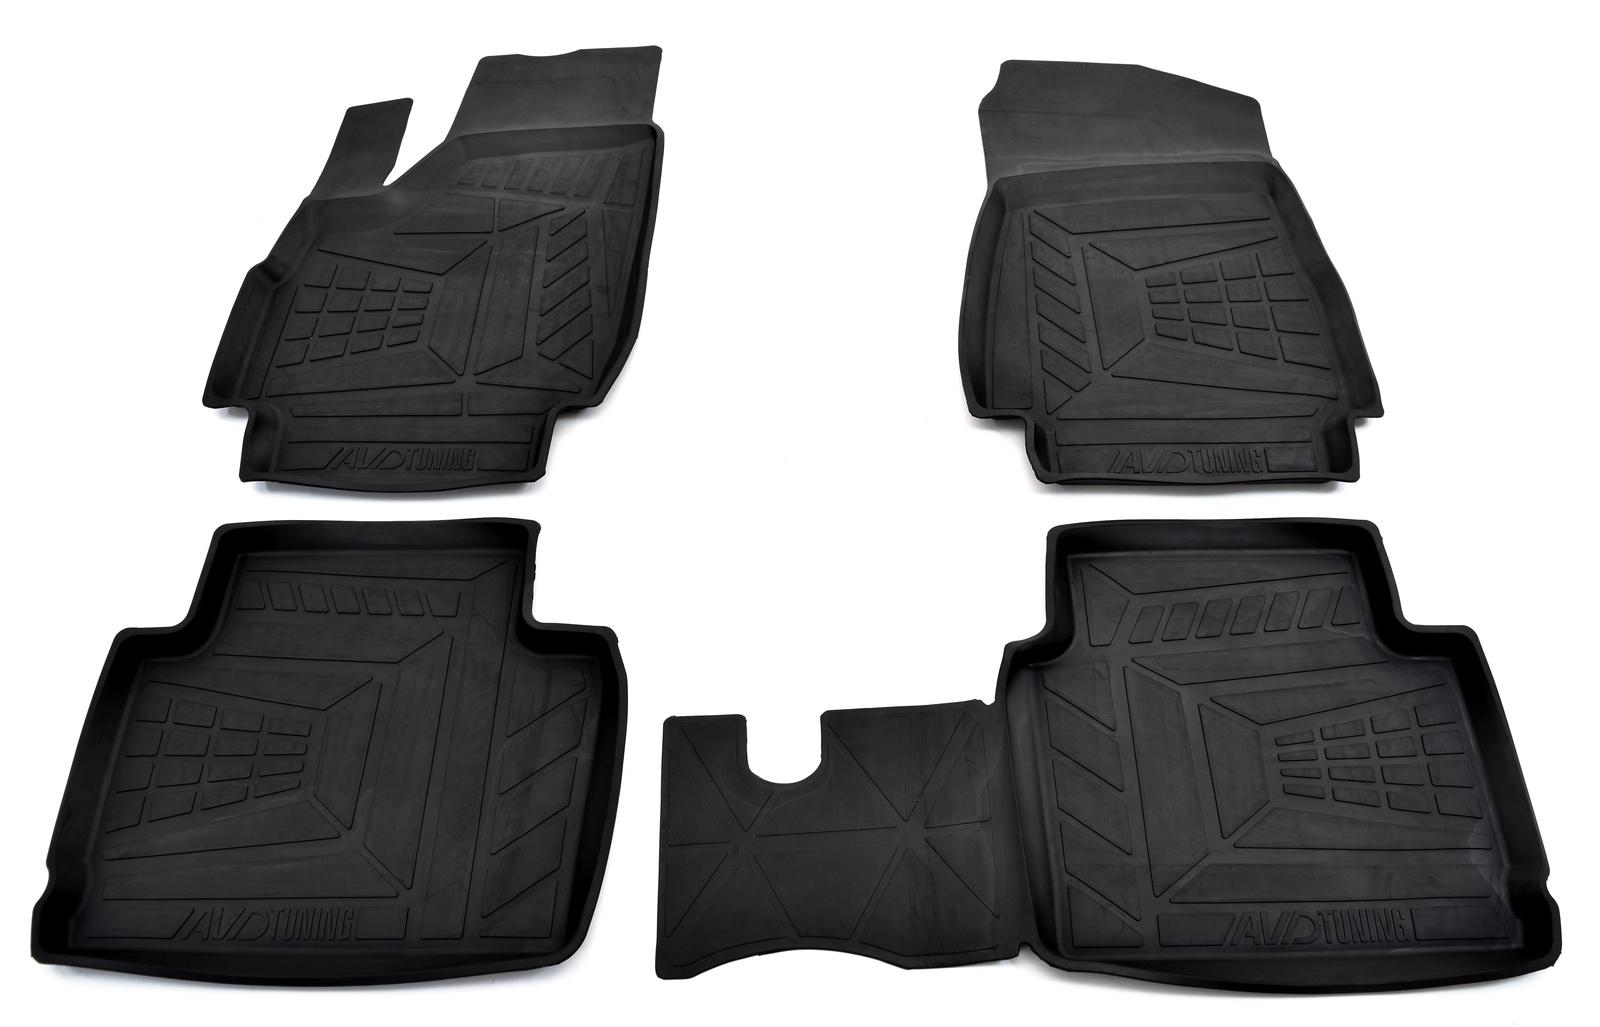 Коврик багажника для renault sandero (b52) hb (2014-) (полимер) npa00-e69-605npa00-e69-605npa00-e69-605 norplast, Полимер, вес 1.14 кг Коврик багажника для renault sandero (b52) hb (2014-) (полимер)